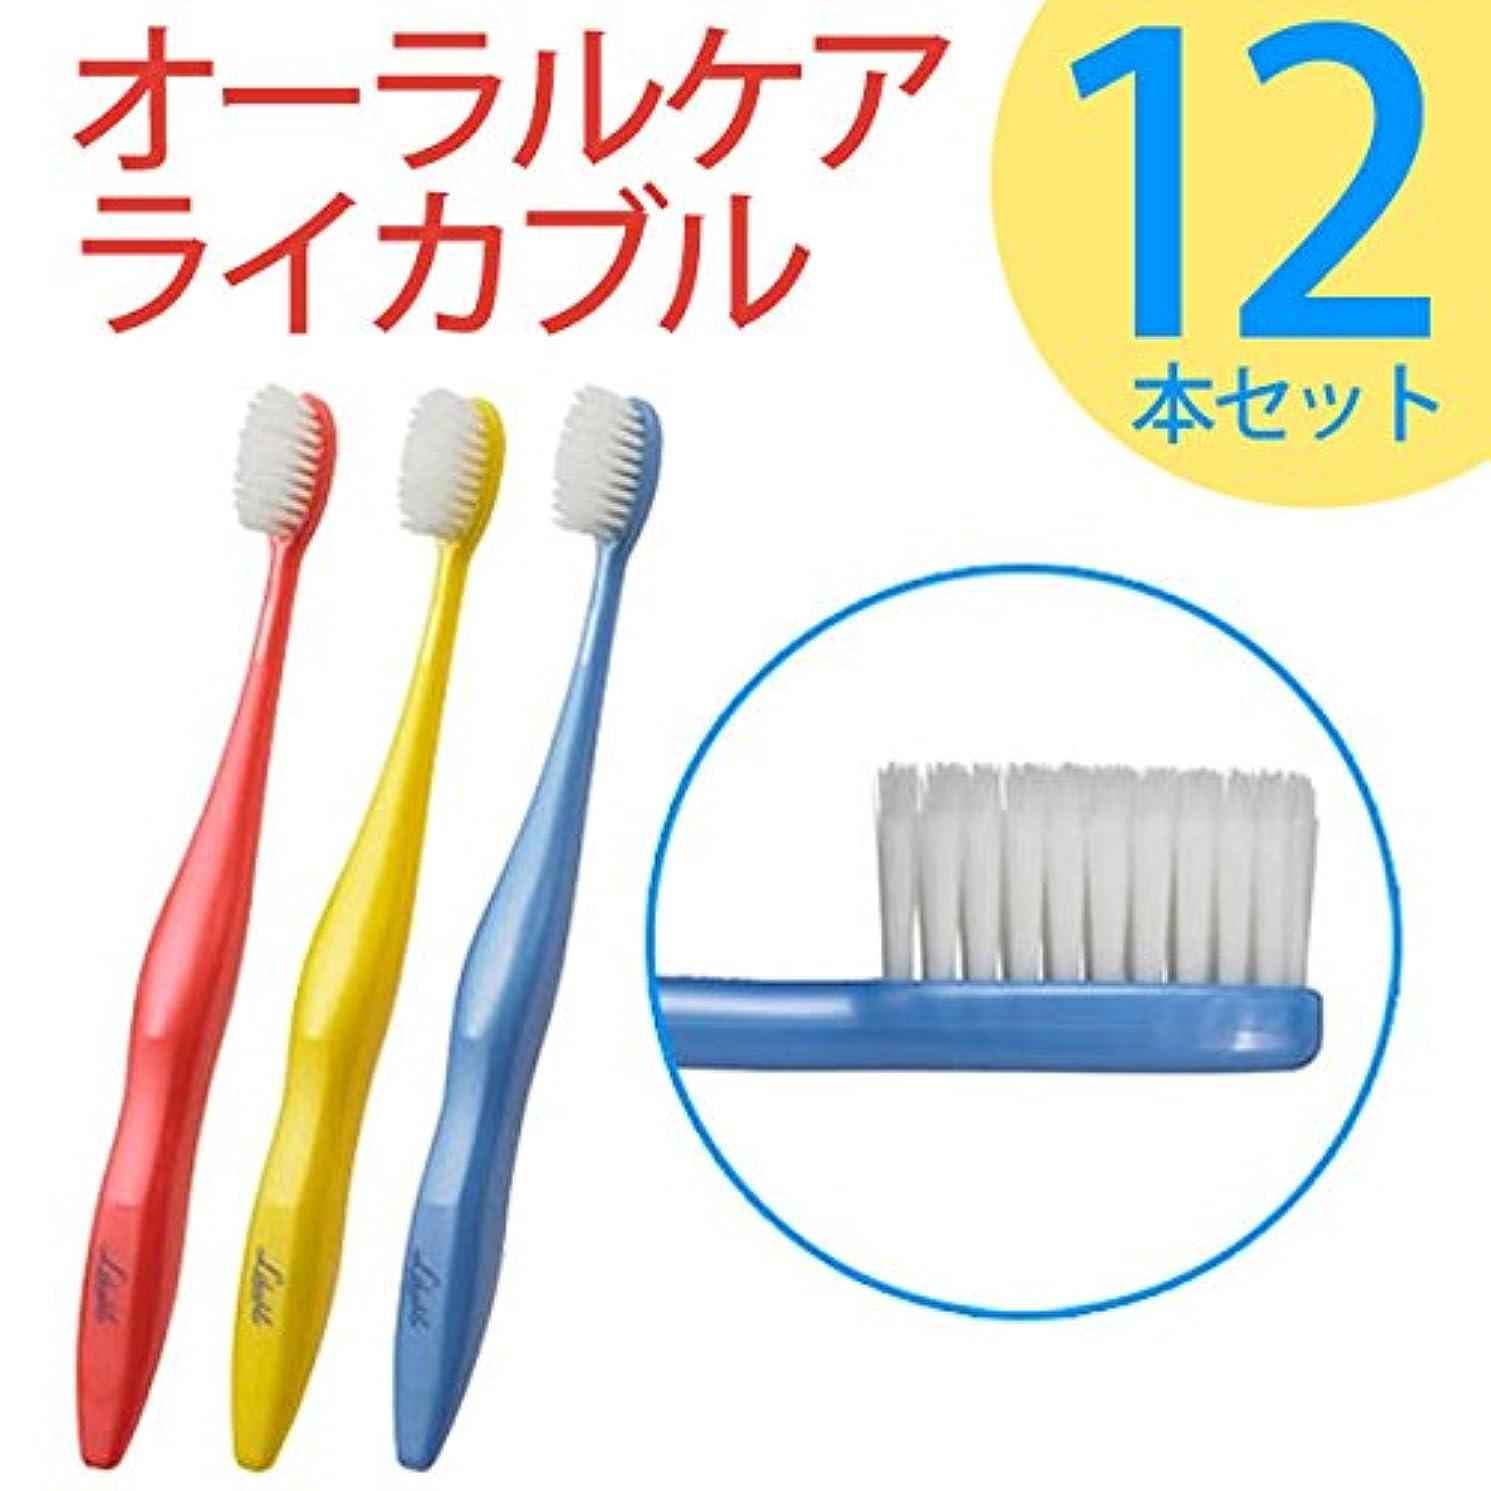 歴史タンパク質キャンドルライカブル ライカブル メンテナンス用 歯ブラシ 12本セット